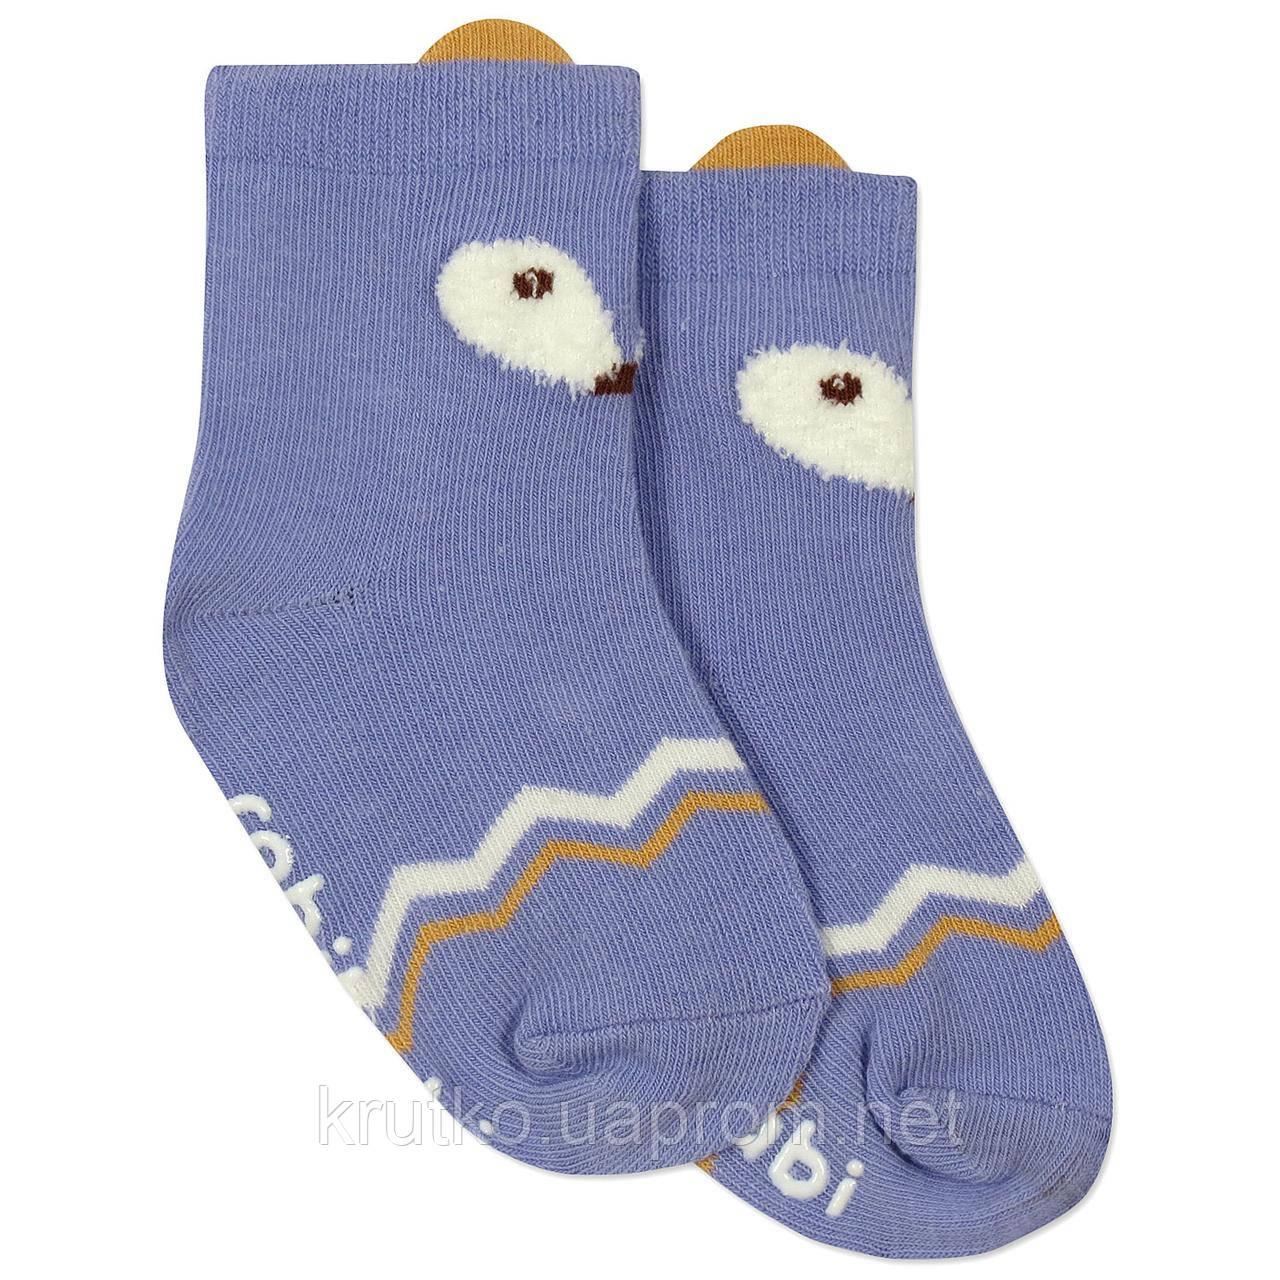 Детские антискользящие носки Лиса Berni